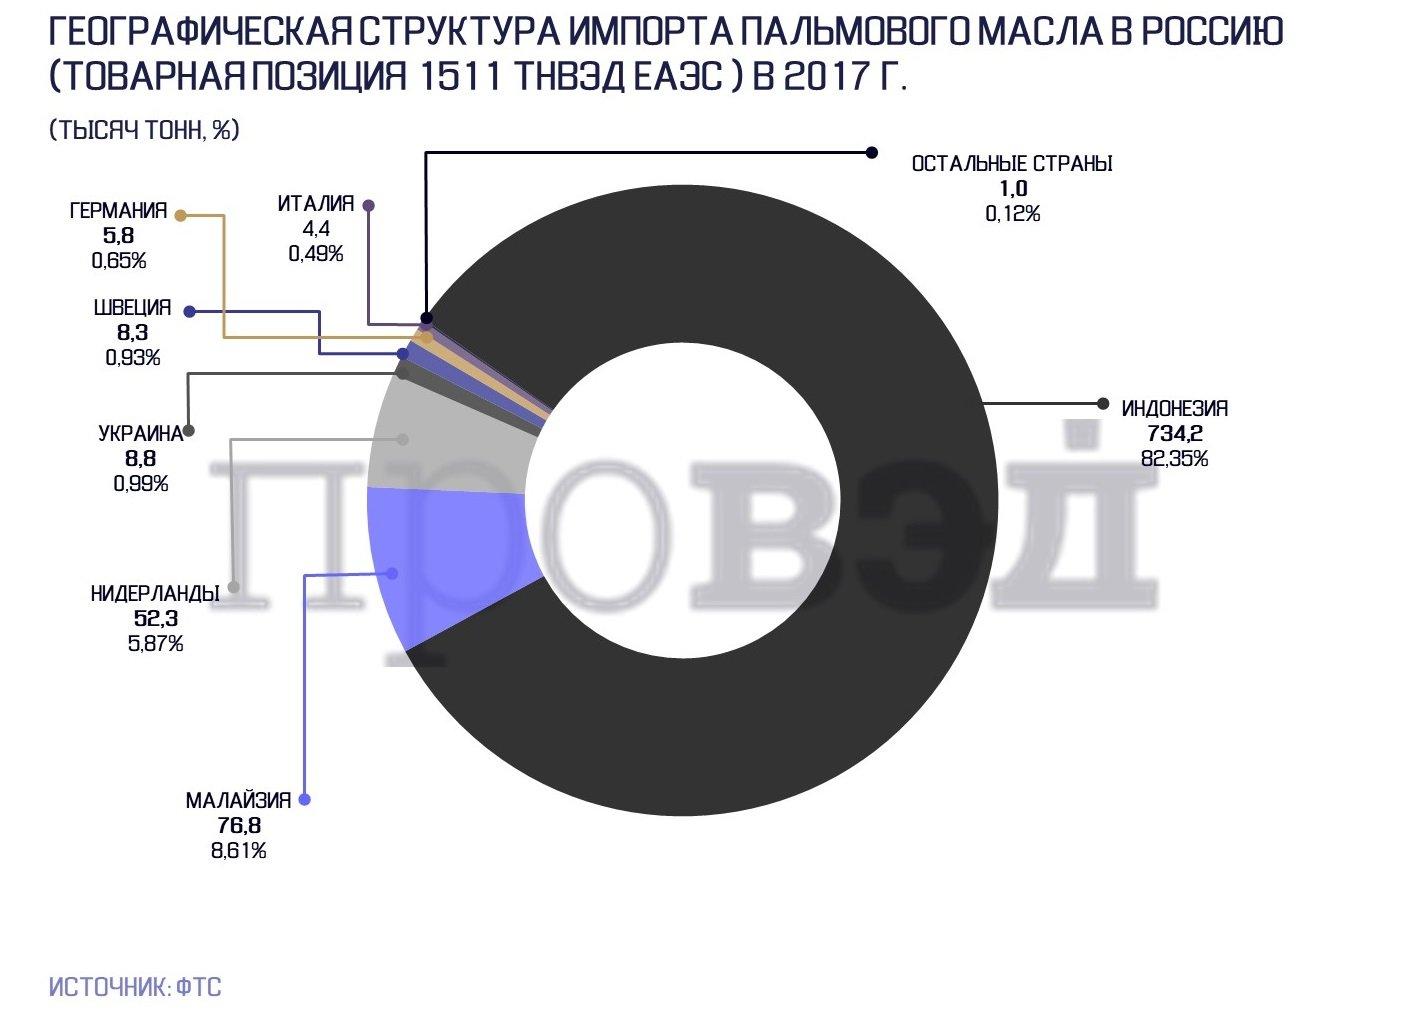 РФ резко увеличила импорт пальмового масла